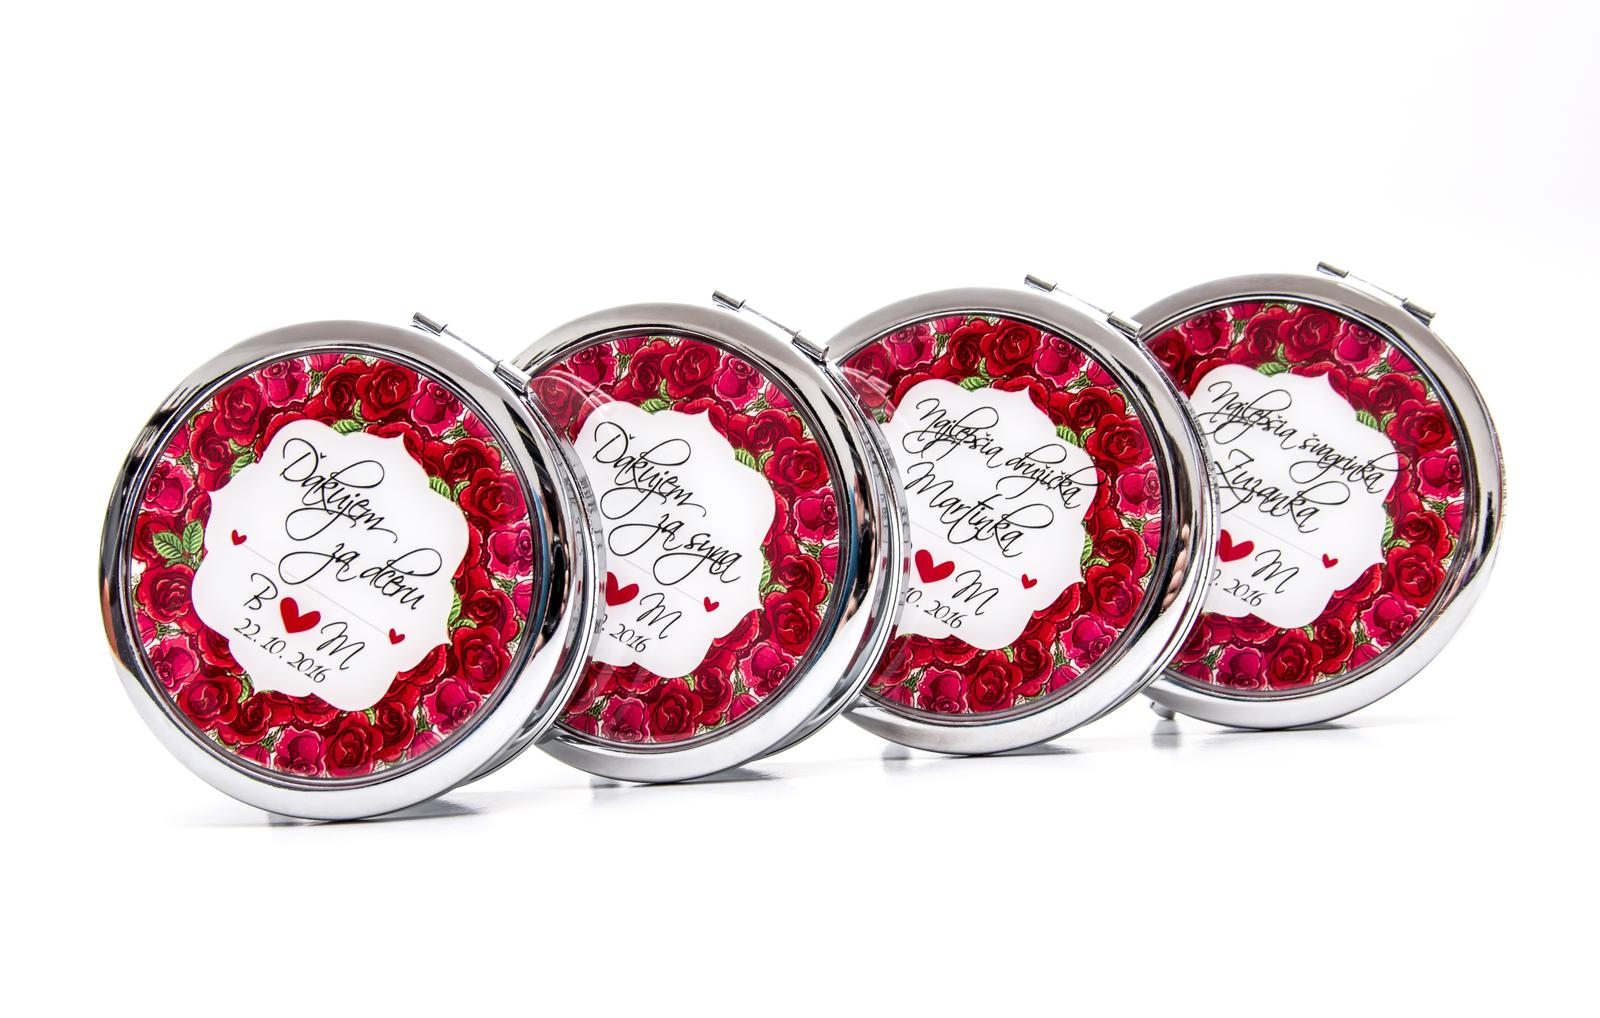 Zrkadielka na želanie - Zrkadielka s motívom ruží